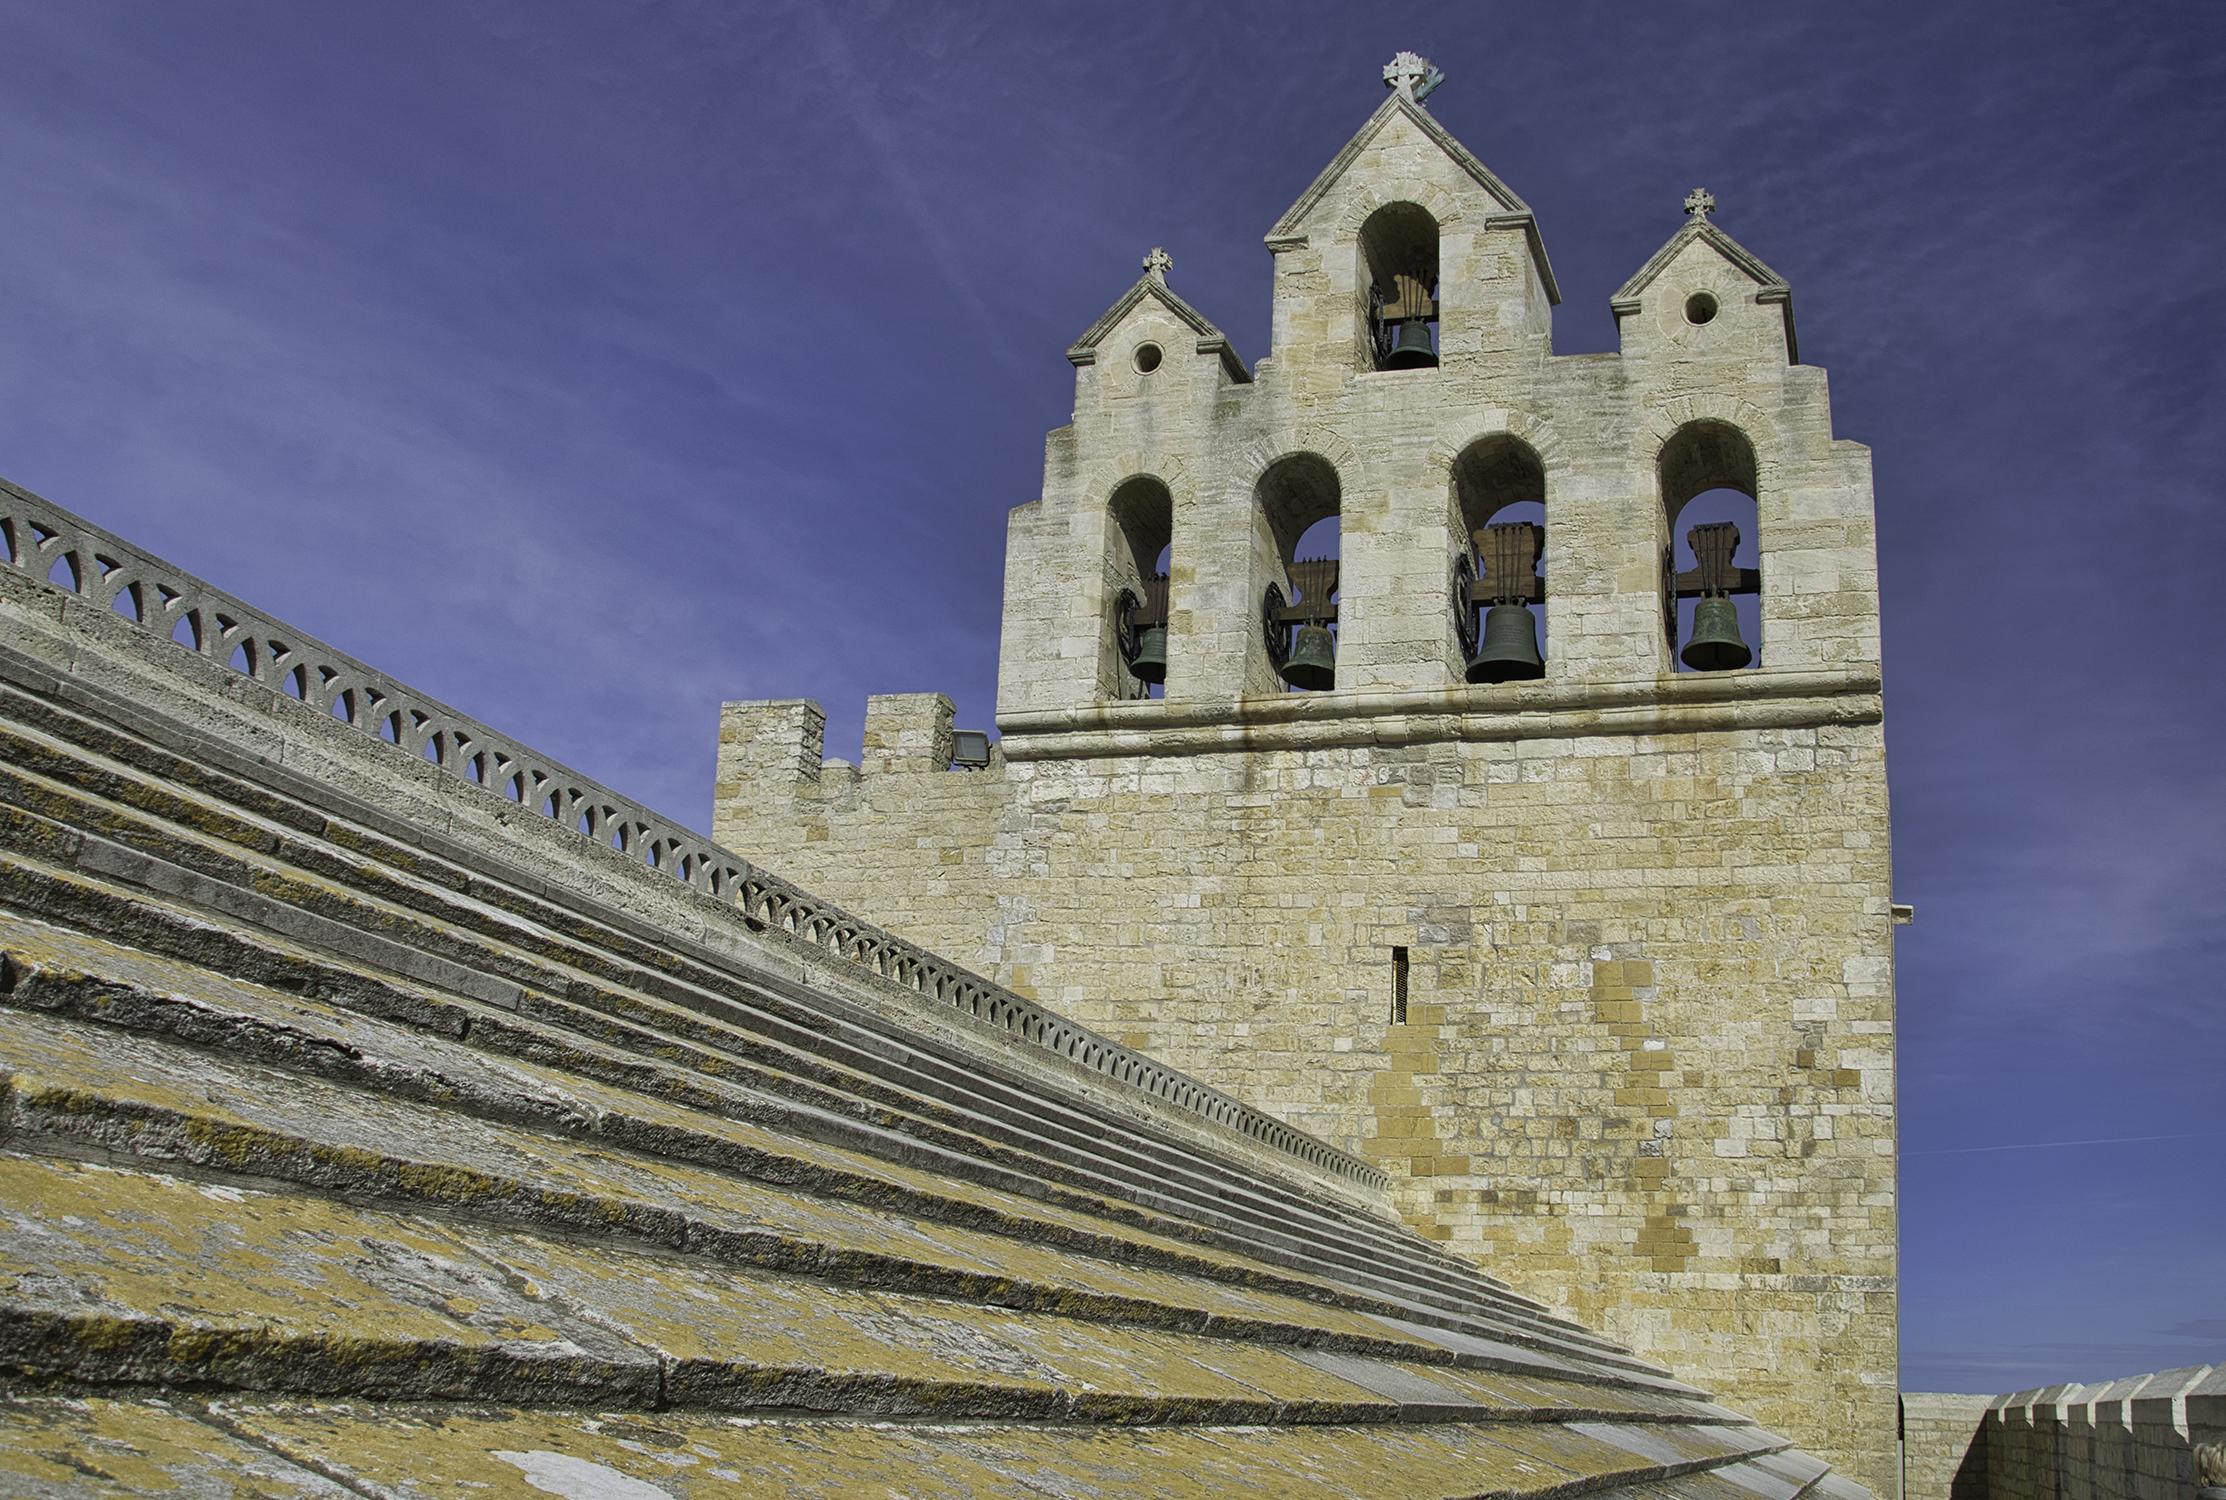 Chiesa fortezza Notre Dame de la Mere_campanile_Camargue-9912.jpg